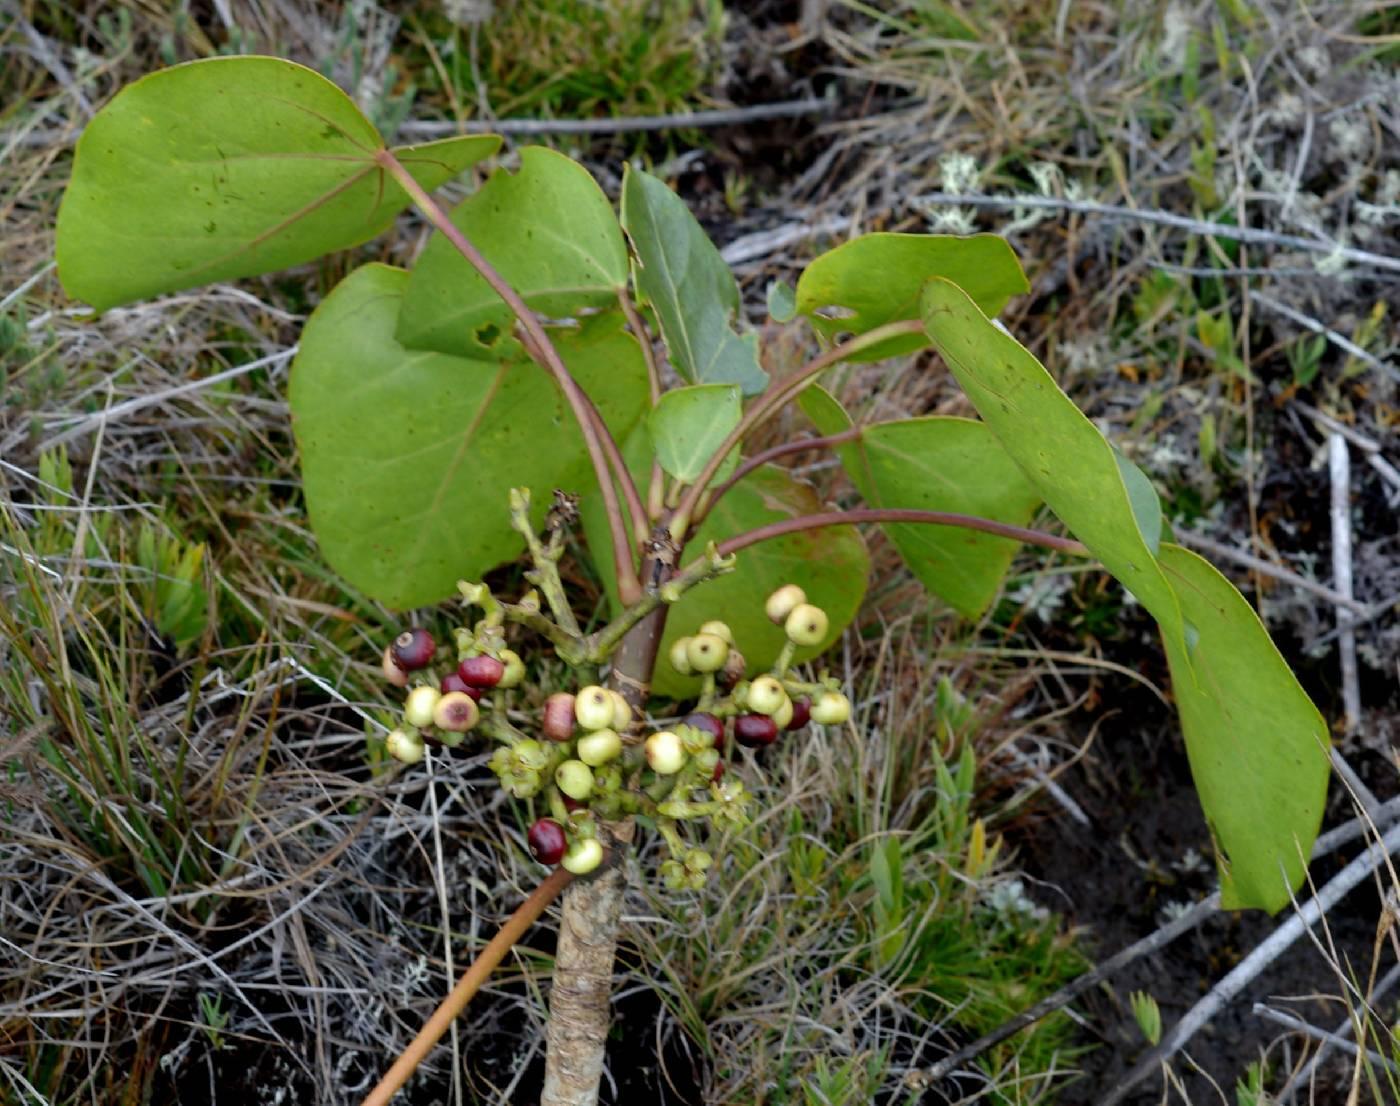 Oreopanax pycnocarpus image